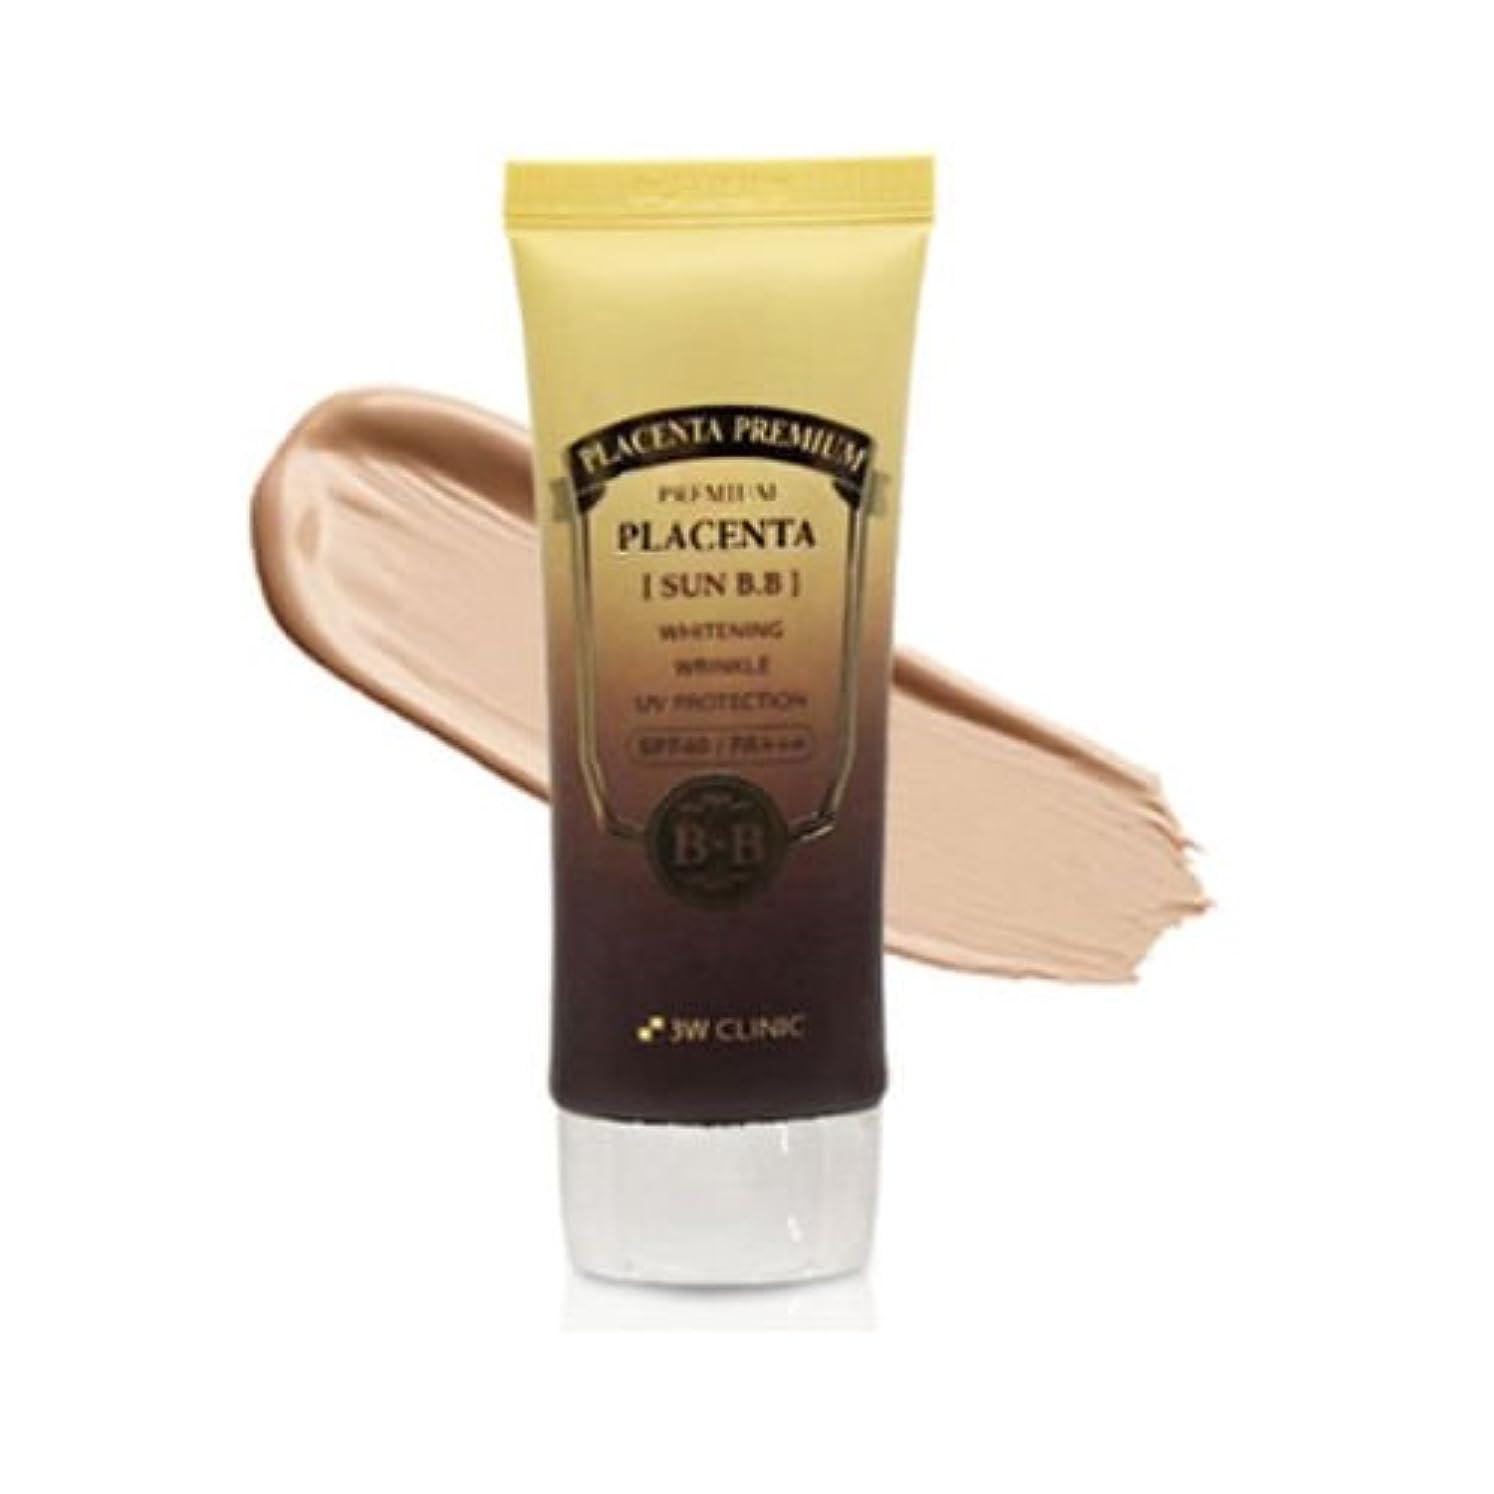 機知に富んだコーンウォール絶滅した3Wクリニック[韓国コスメ3w Clinic]Premium Placenta Sun BB Cream プレミアムプラセンタサンBBクリーム70ml SPF40 PA+++ UV しわ管理[並行輸入品]